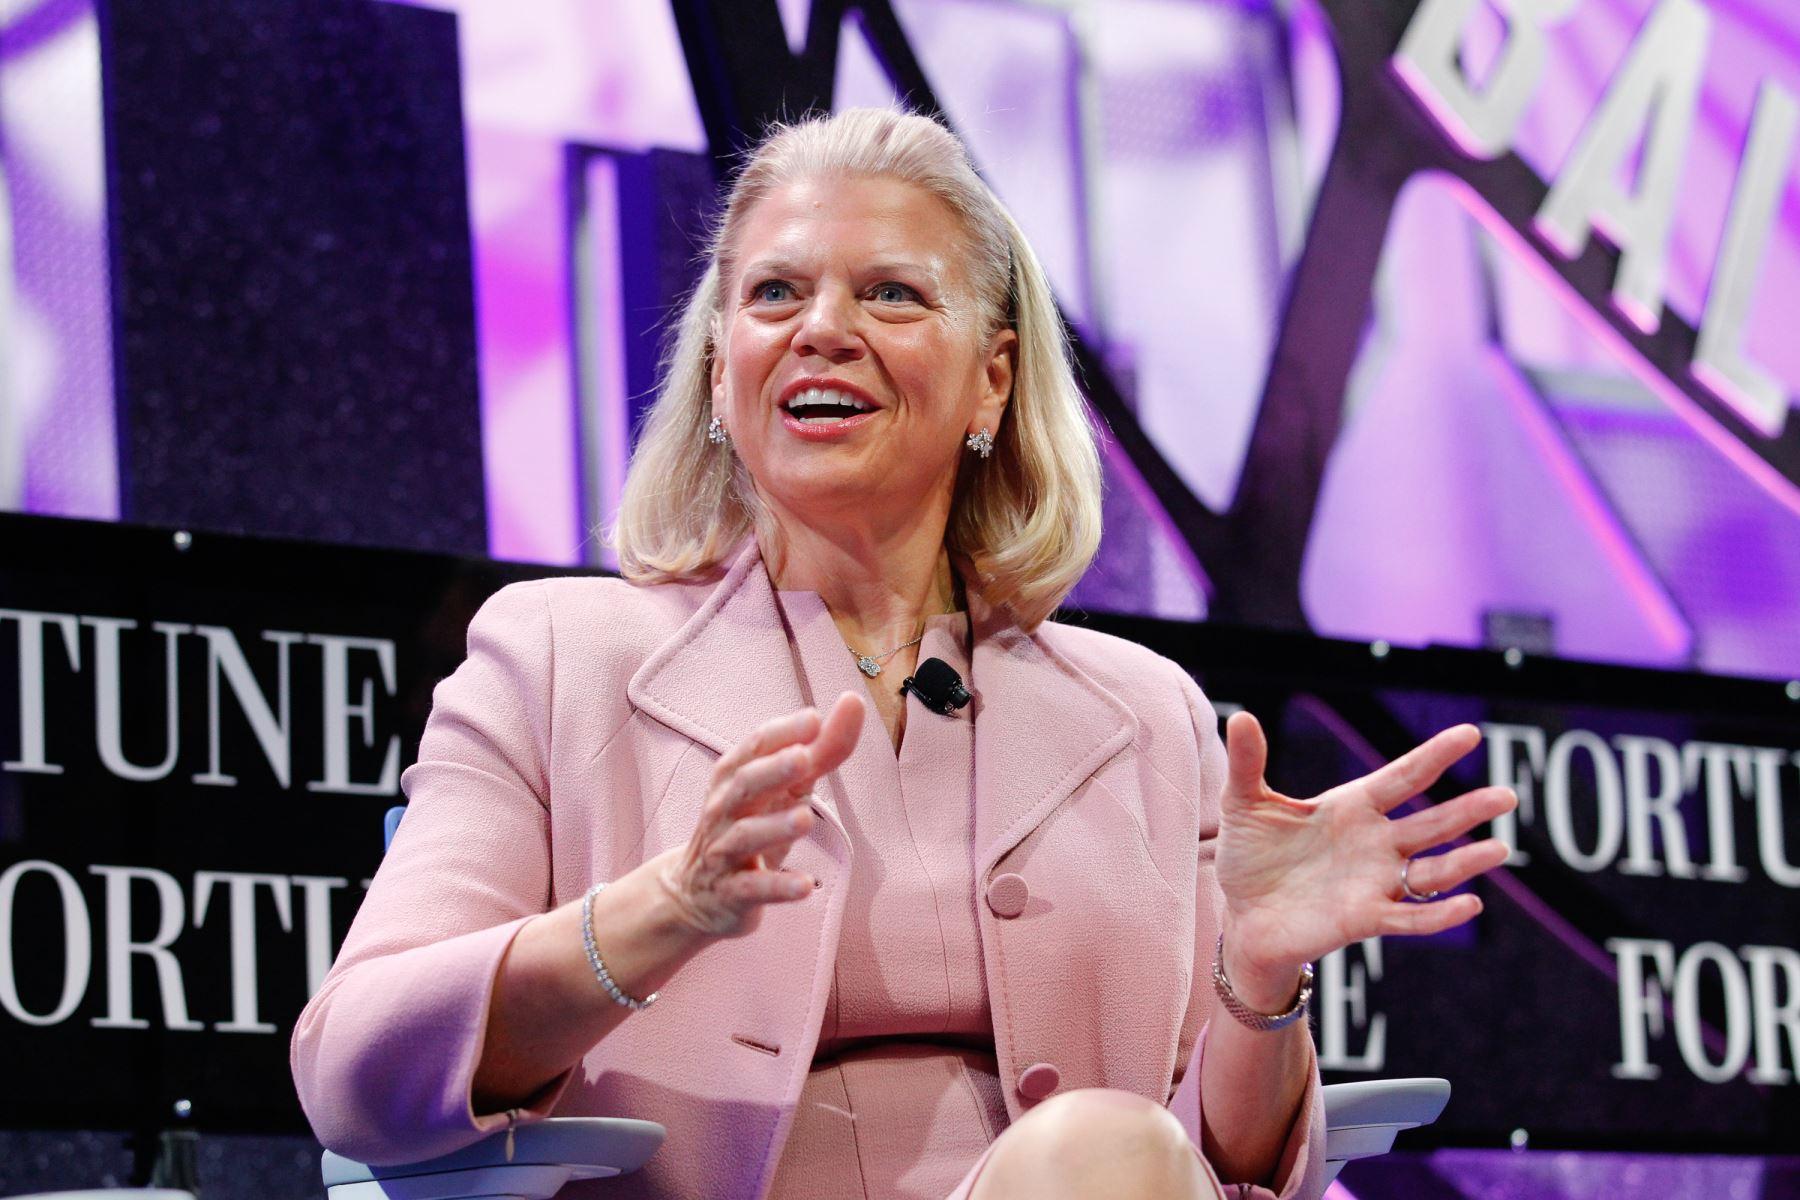 Ginni Rometty presidenta y CEO de la compañía IBM. AFP